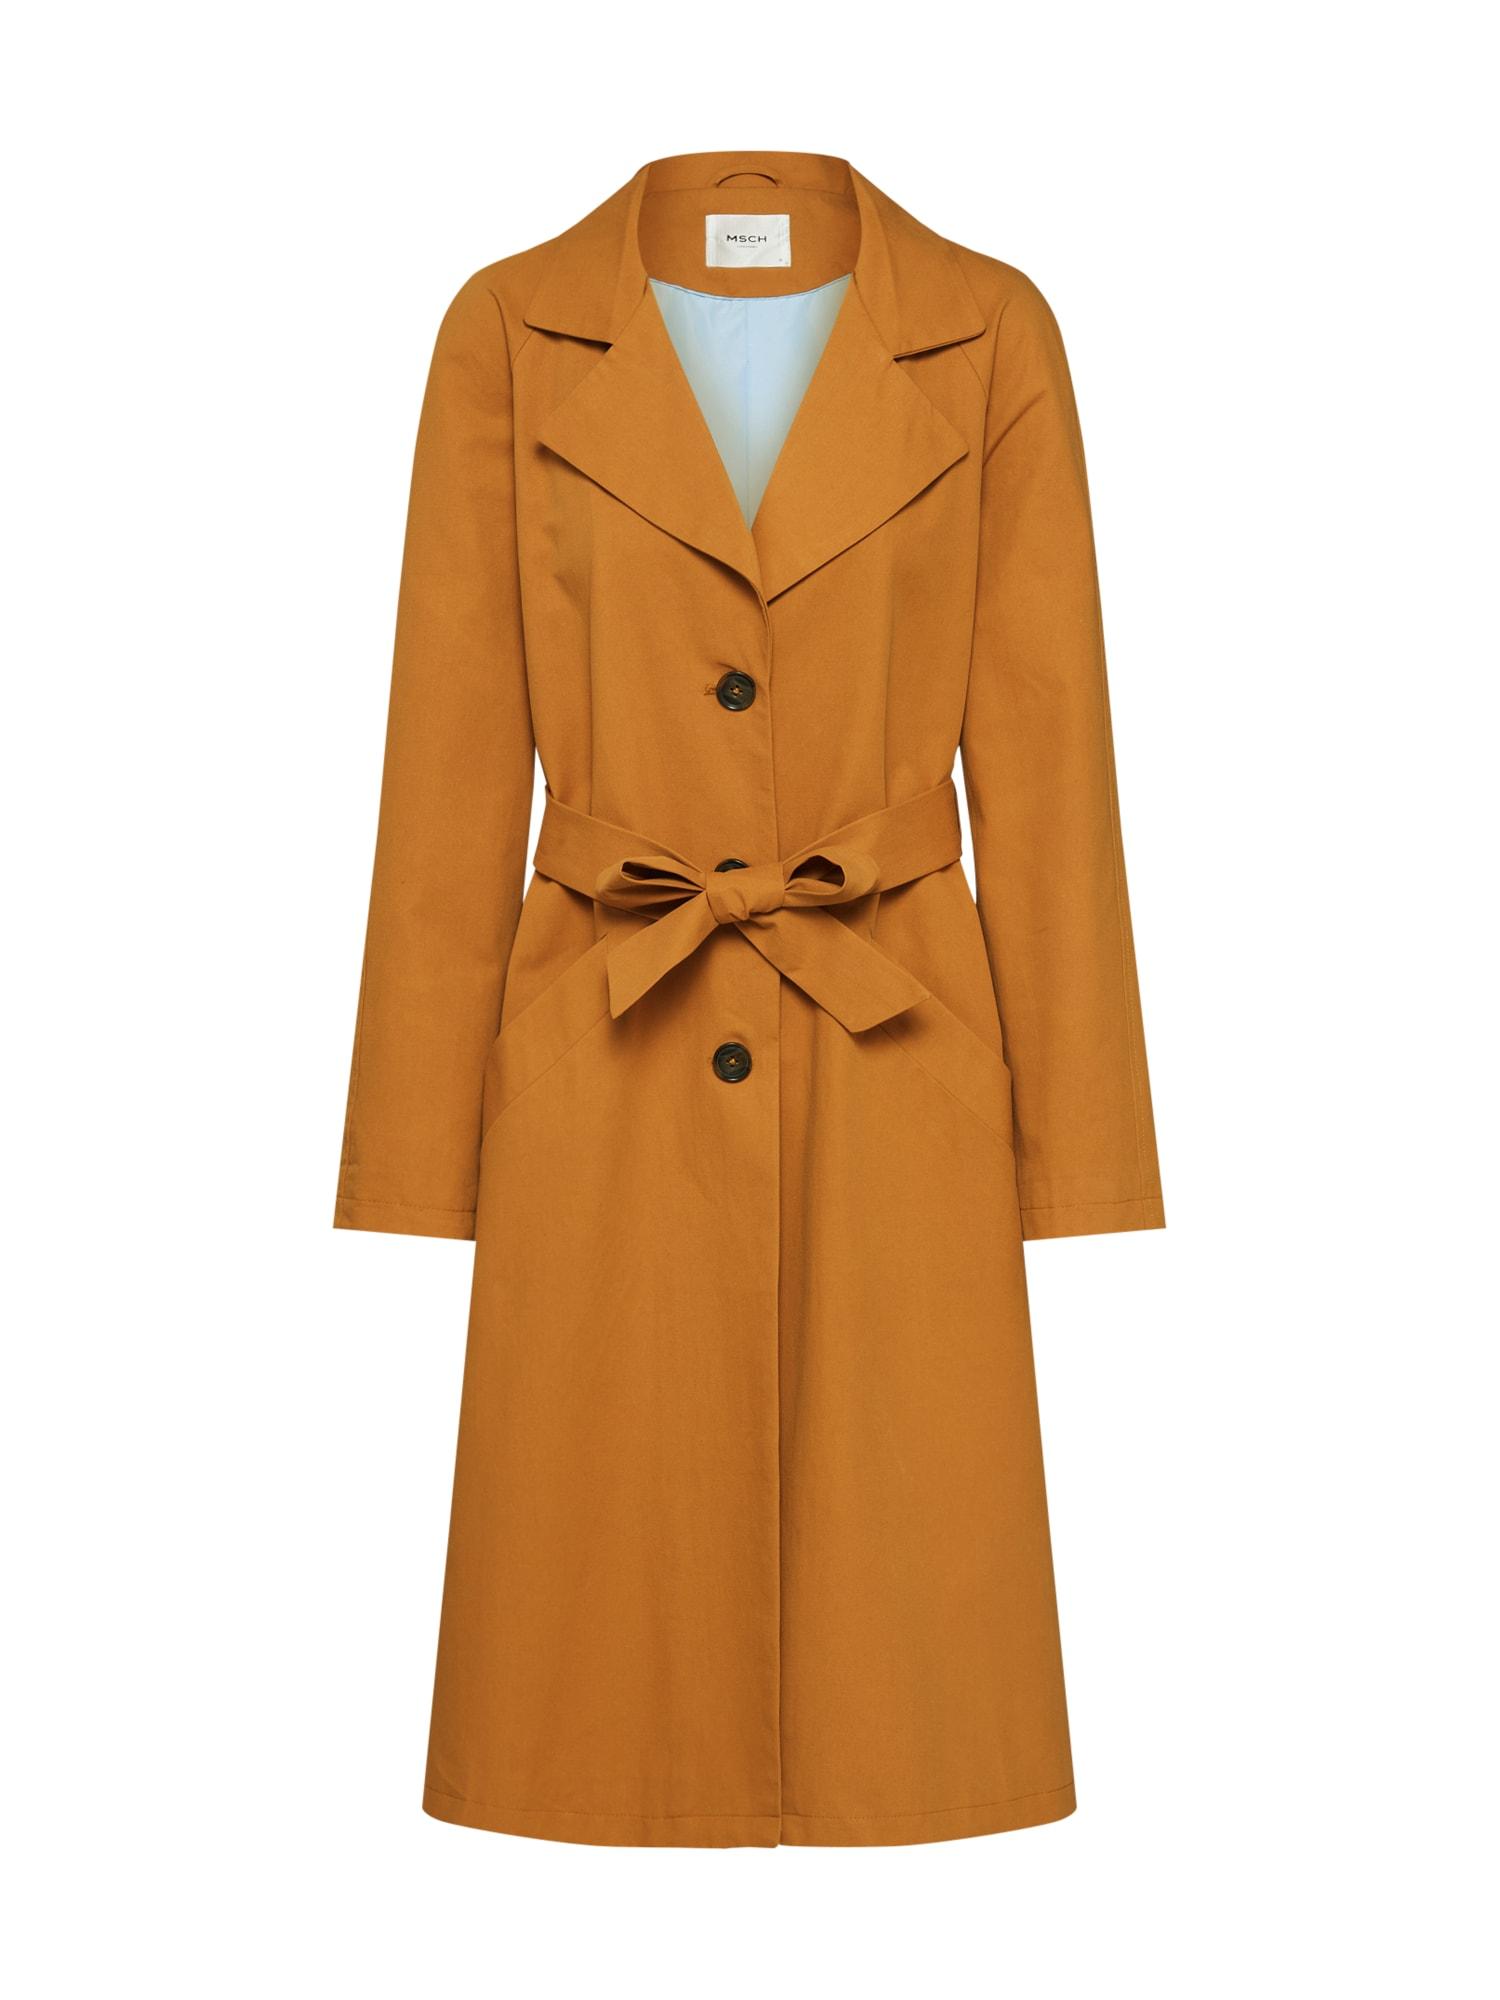 MOSS COPENHAGEN Rudeninis-žieminis paltas 'Angela' smėlio